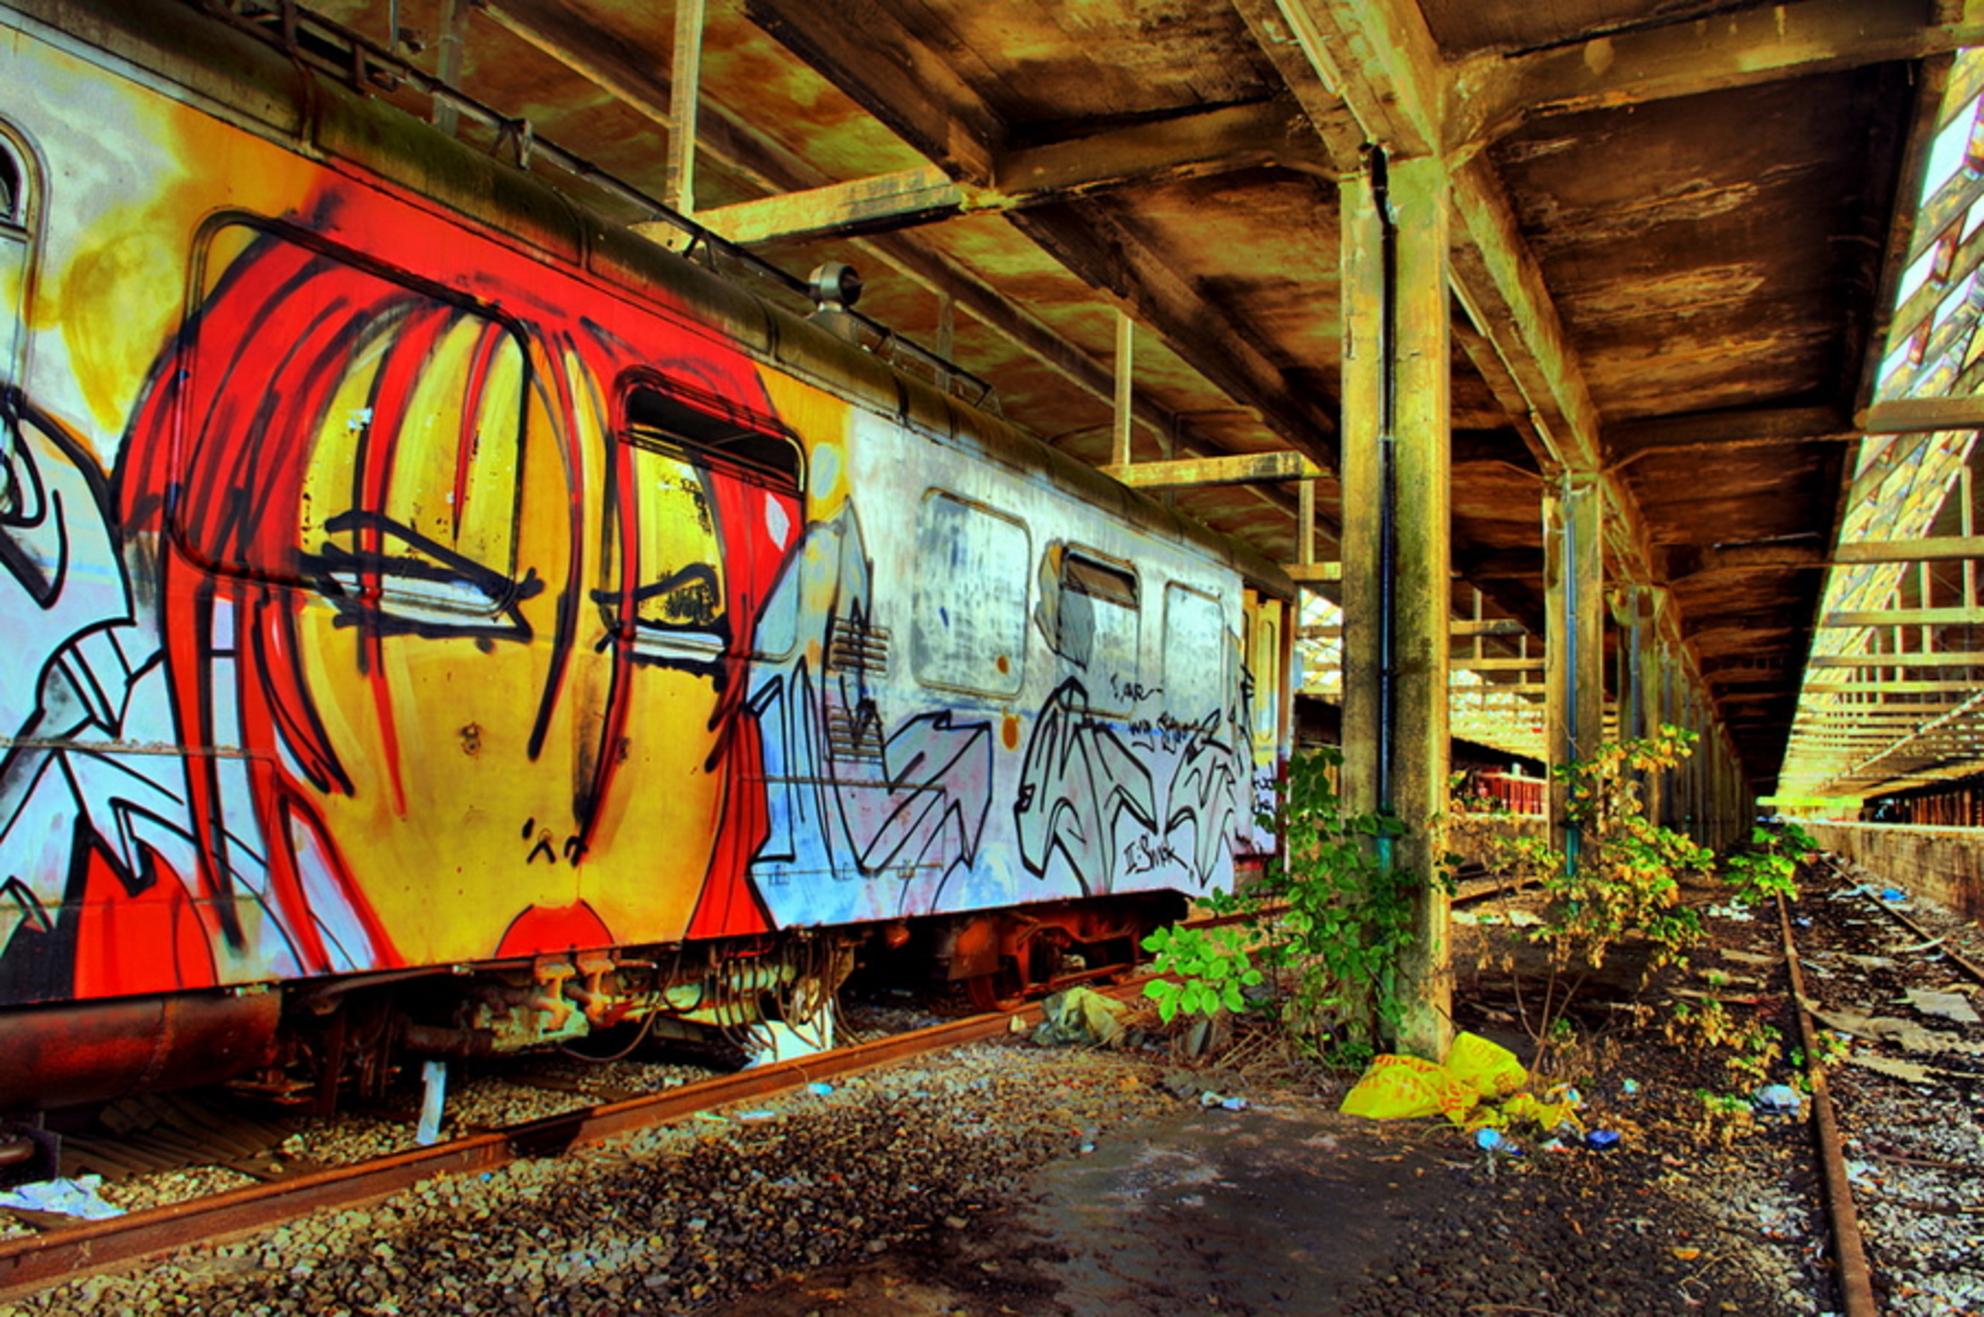 HDR Stationnetje - Samen met twee vrienden naar een vervallen Belgisch stationnetje geweest. Tot onze verrassing stond het nog vol vervallen wagons. - foto door akjvervoort op 26-10-2009 - deze foto bevat: station, belgie, vervallen, hdr, urbex, akjvervoort